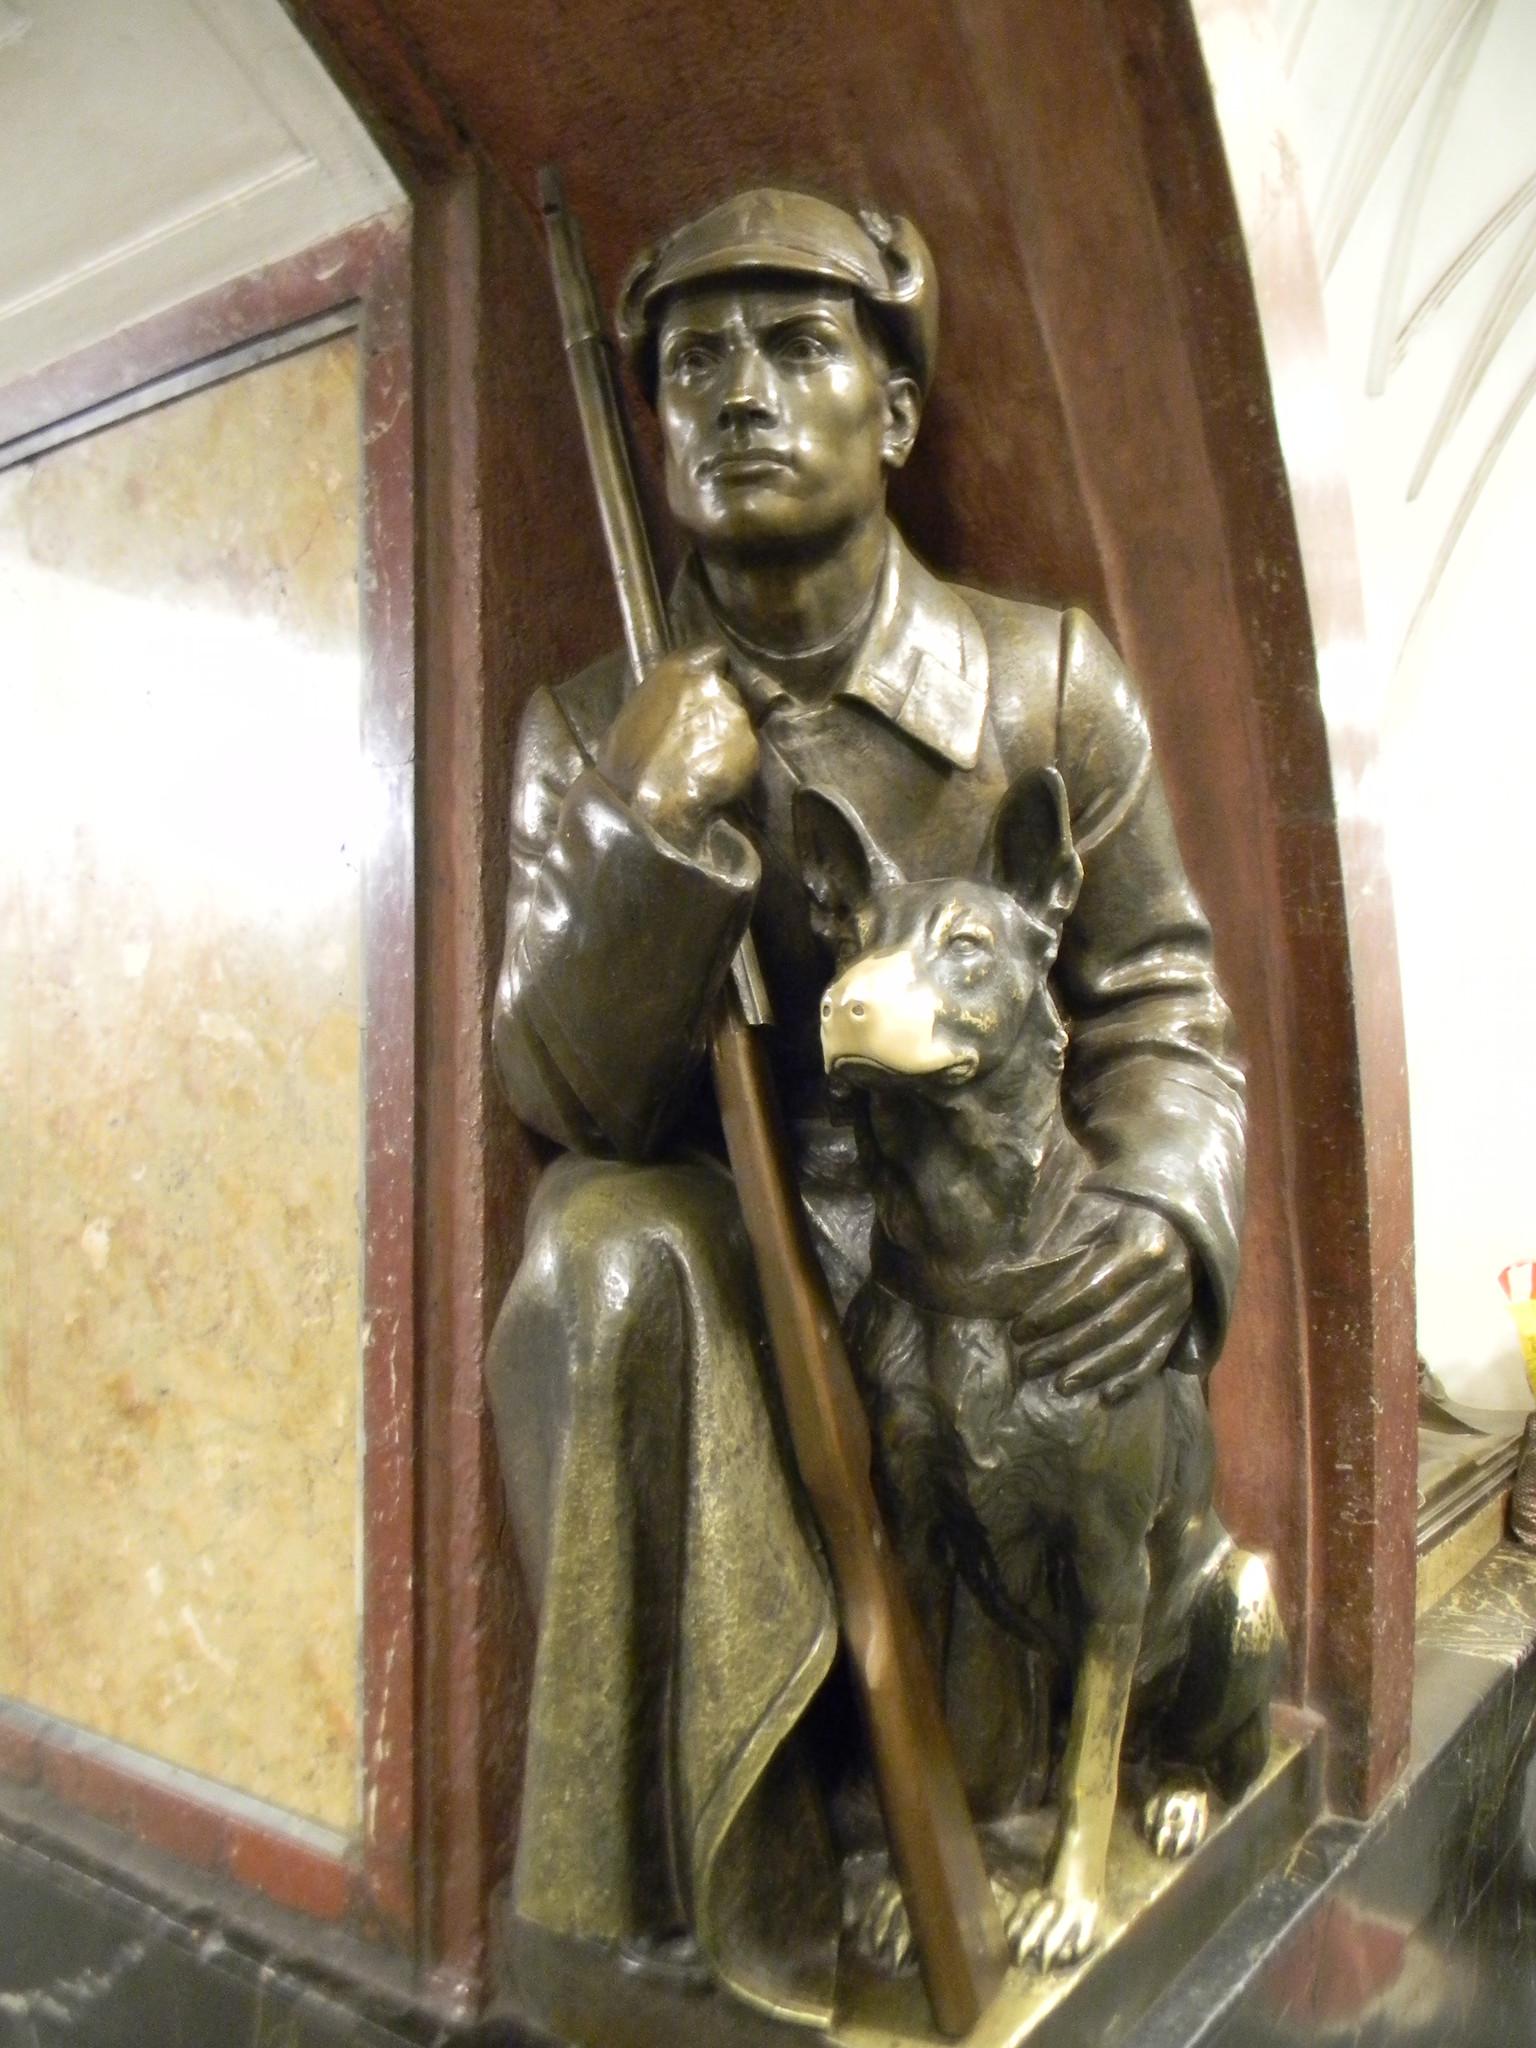 Скульптура «Пограничник с собакой» на станции «Площадь Революции» Московского метрополитена